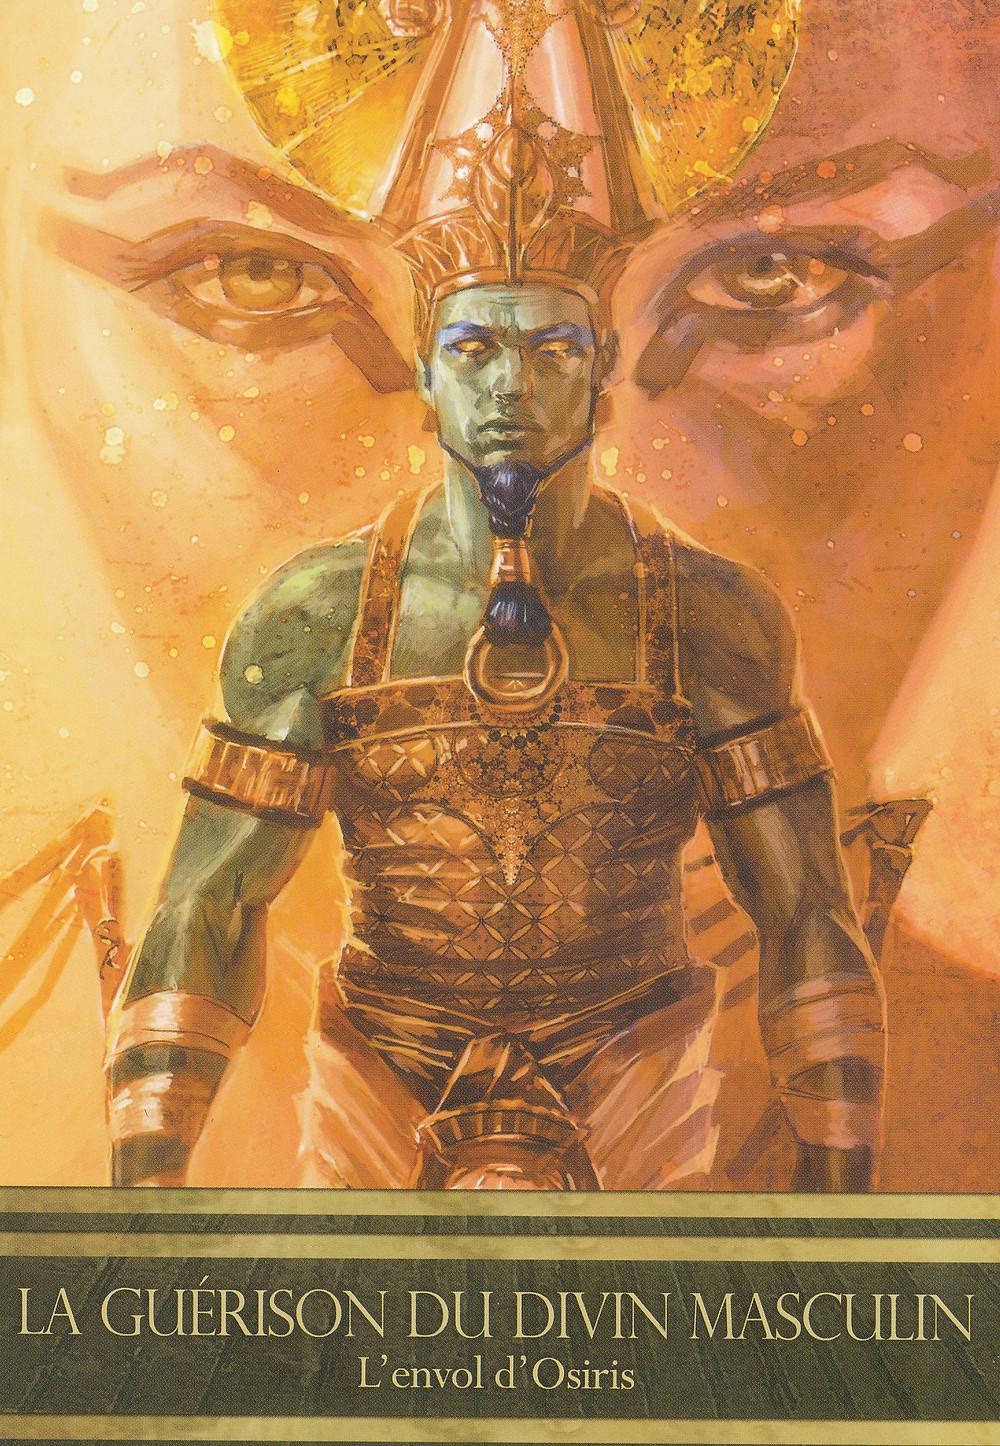 Carte et texte provenant de L'Oracle d'Isis, d'Alana Fairchild - La Guérison du Divin Masculin - L'envol d'Osiris - Fin d'année 2020 (Portail 11-11 et 12-12) : Guérison et Harmonisation de notre Couple Sacré